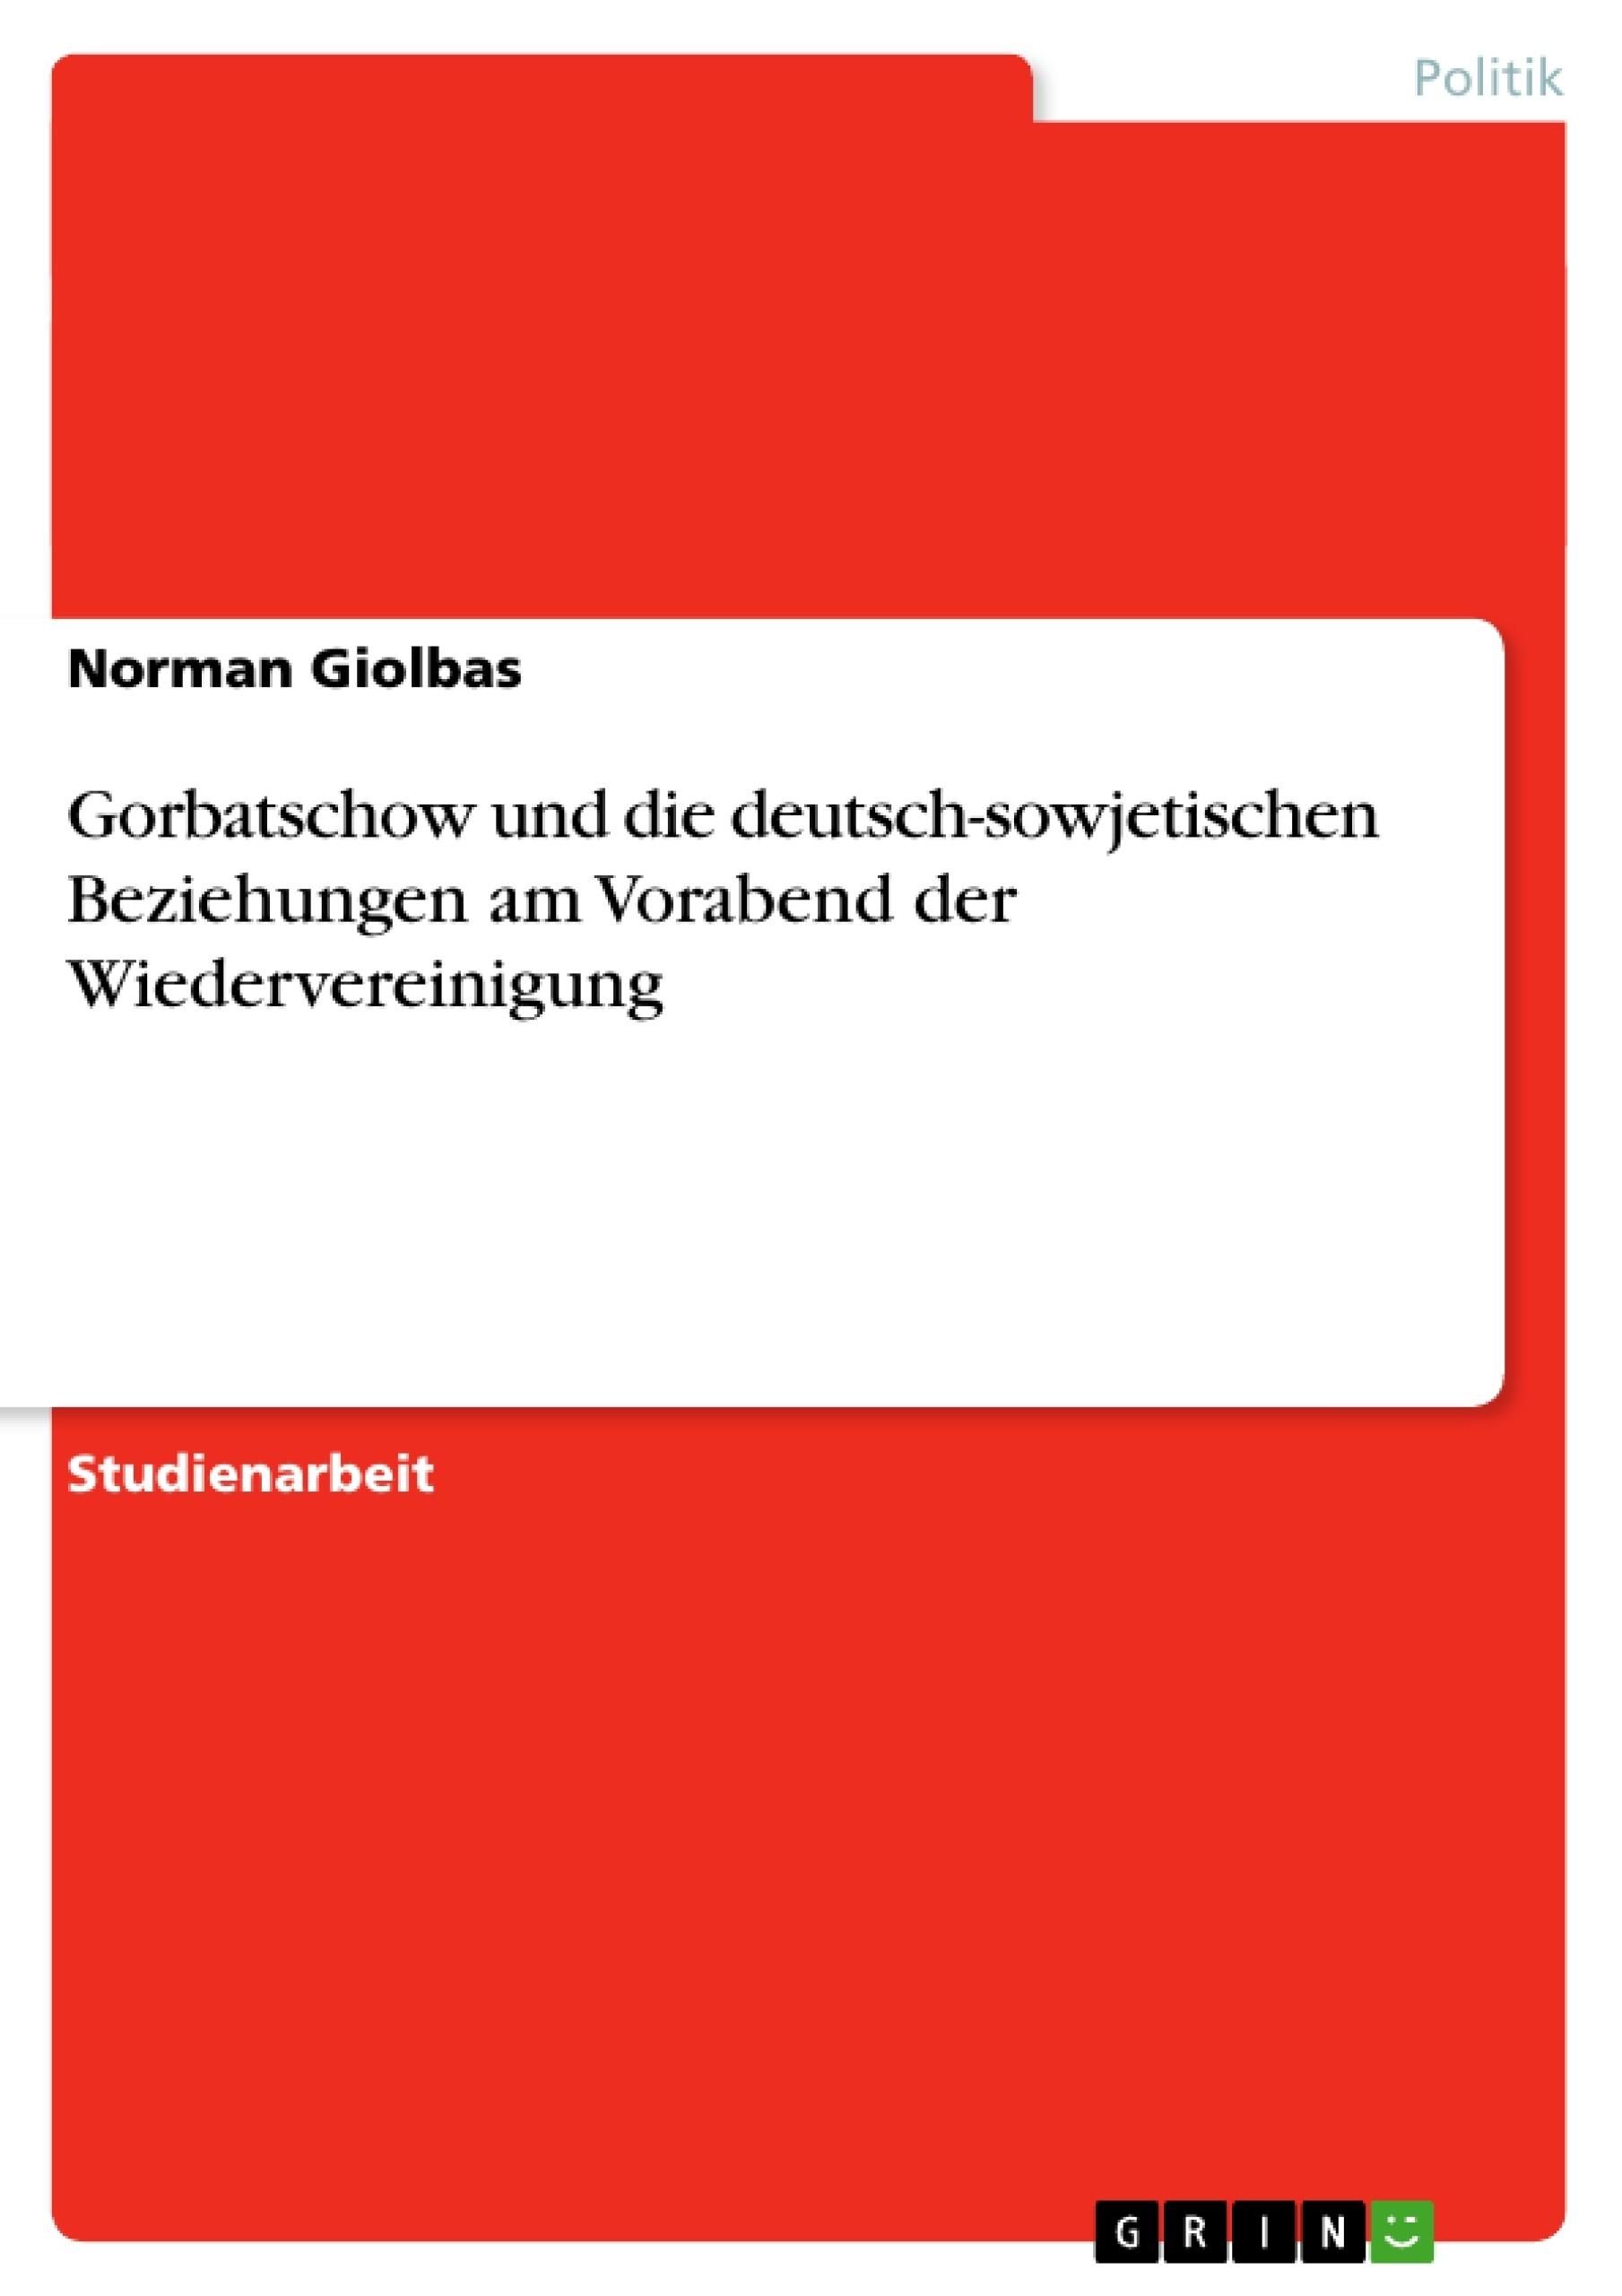 Titel: Gorbatschow und die deutsch-sowjetischen Beziehungen am Vorabend der Wiedervereinigung